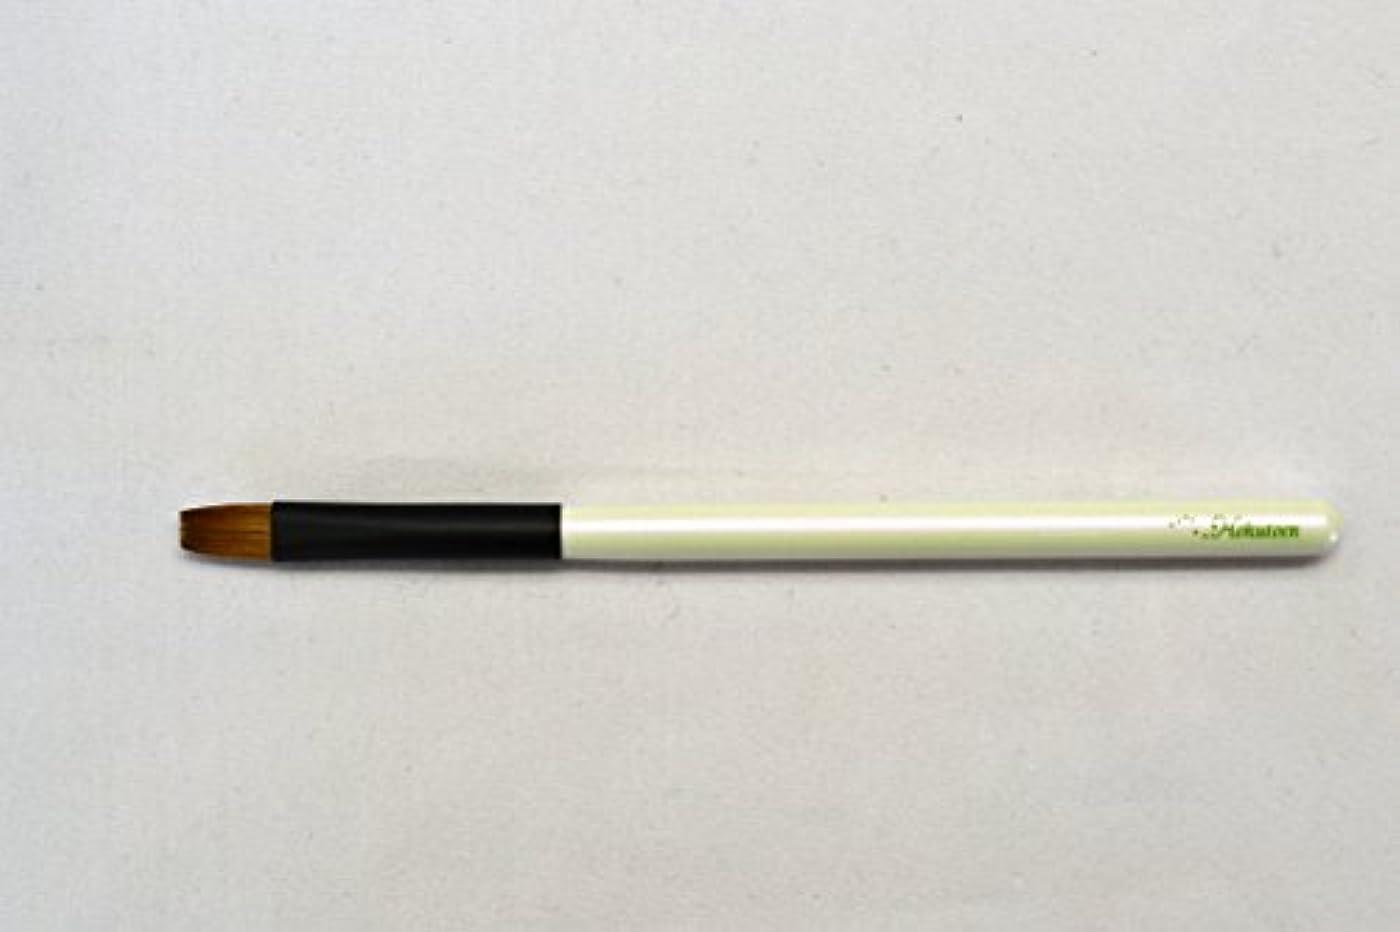 クローンスコットランド人量で熊野筆 北斗園 Kシリーズ リップブラシ(白黒)